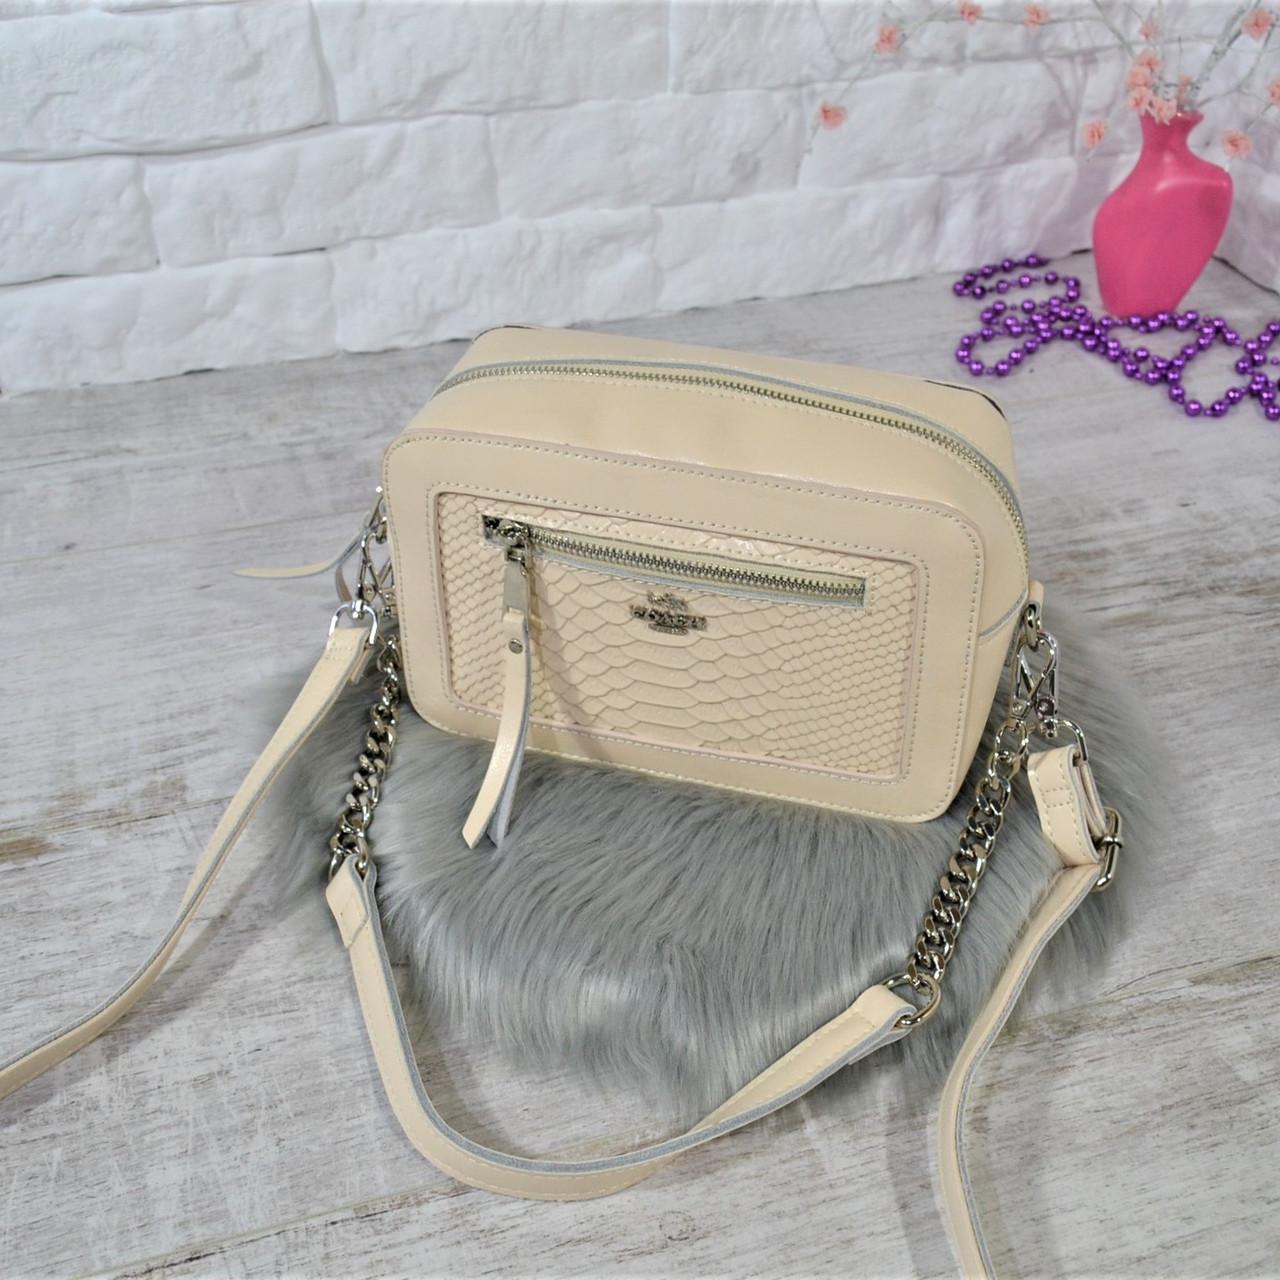 Сумка кросс-боди из натуральной кожи рептилия бежевая женская Женская сумка из натуральной кожи Женская сумка